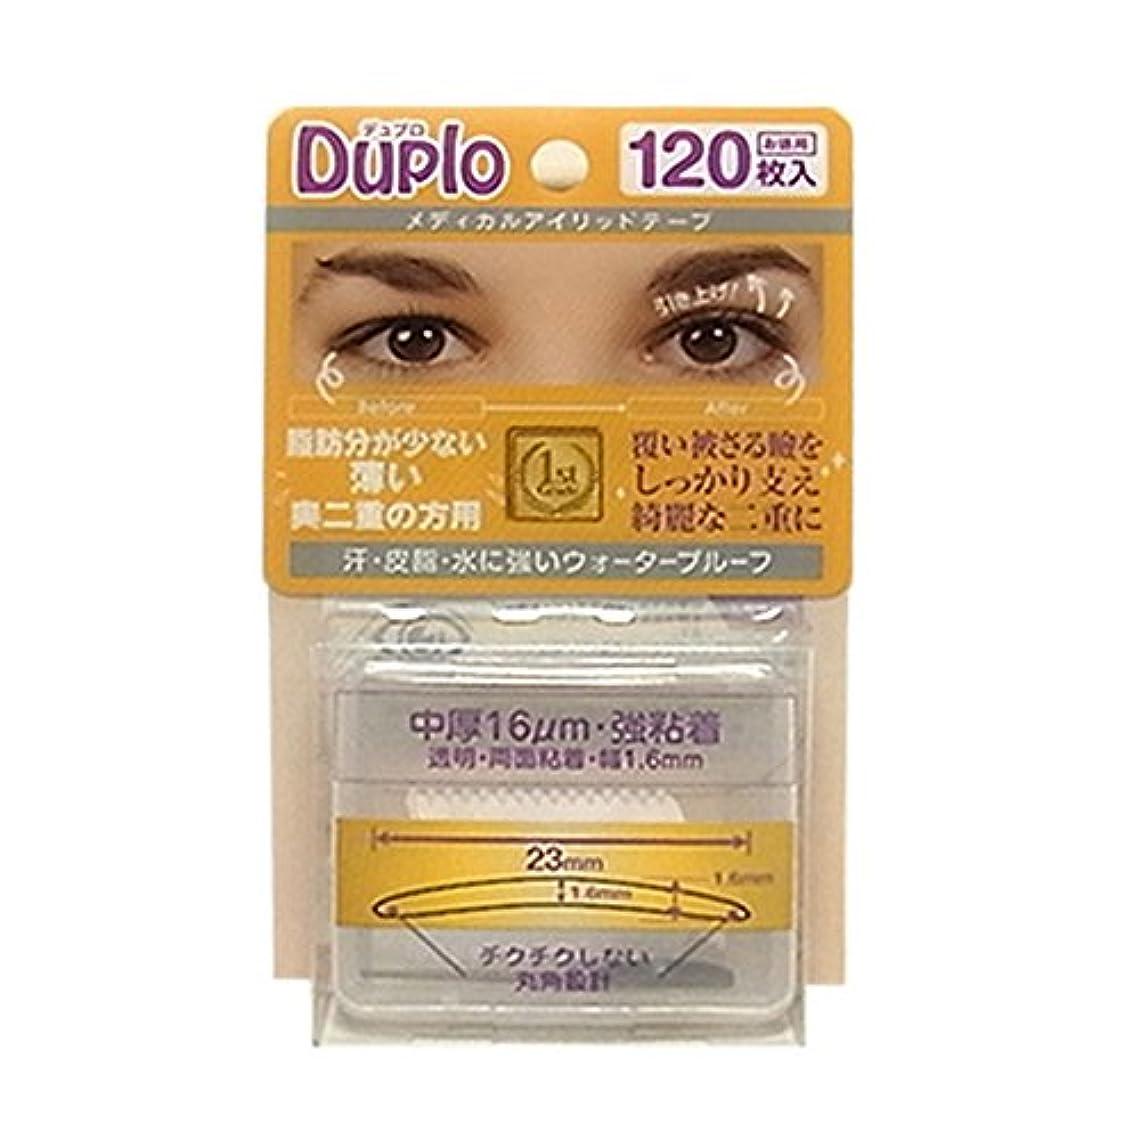 薄い連隊試みDuplo デュプロ メディカルアイリッドテープ 中厚 16μm 強粘着 (眼瞼下垂防止用テープ)透明?両面 120枚入